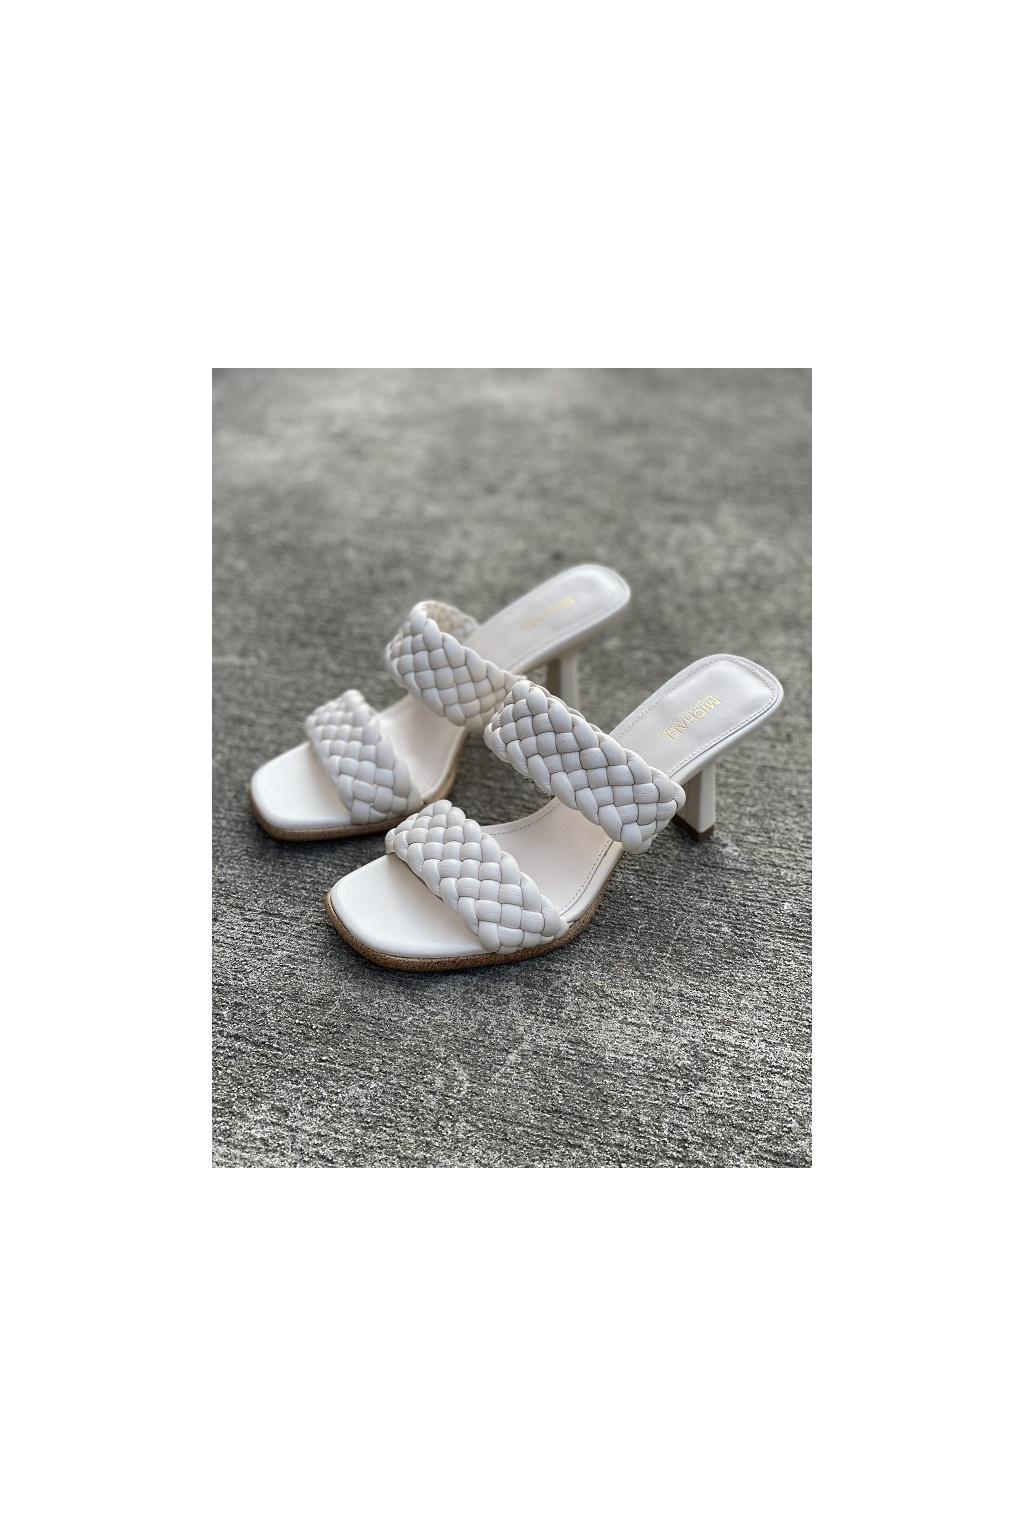 Dámské sandály Michael Kors Amelia Mule Nappa Faux Leather krémové